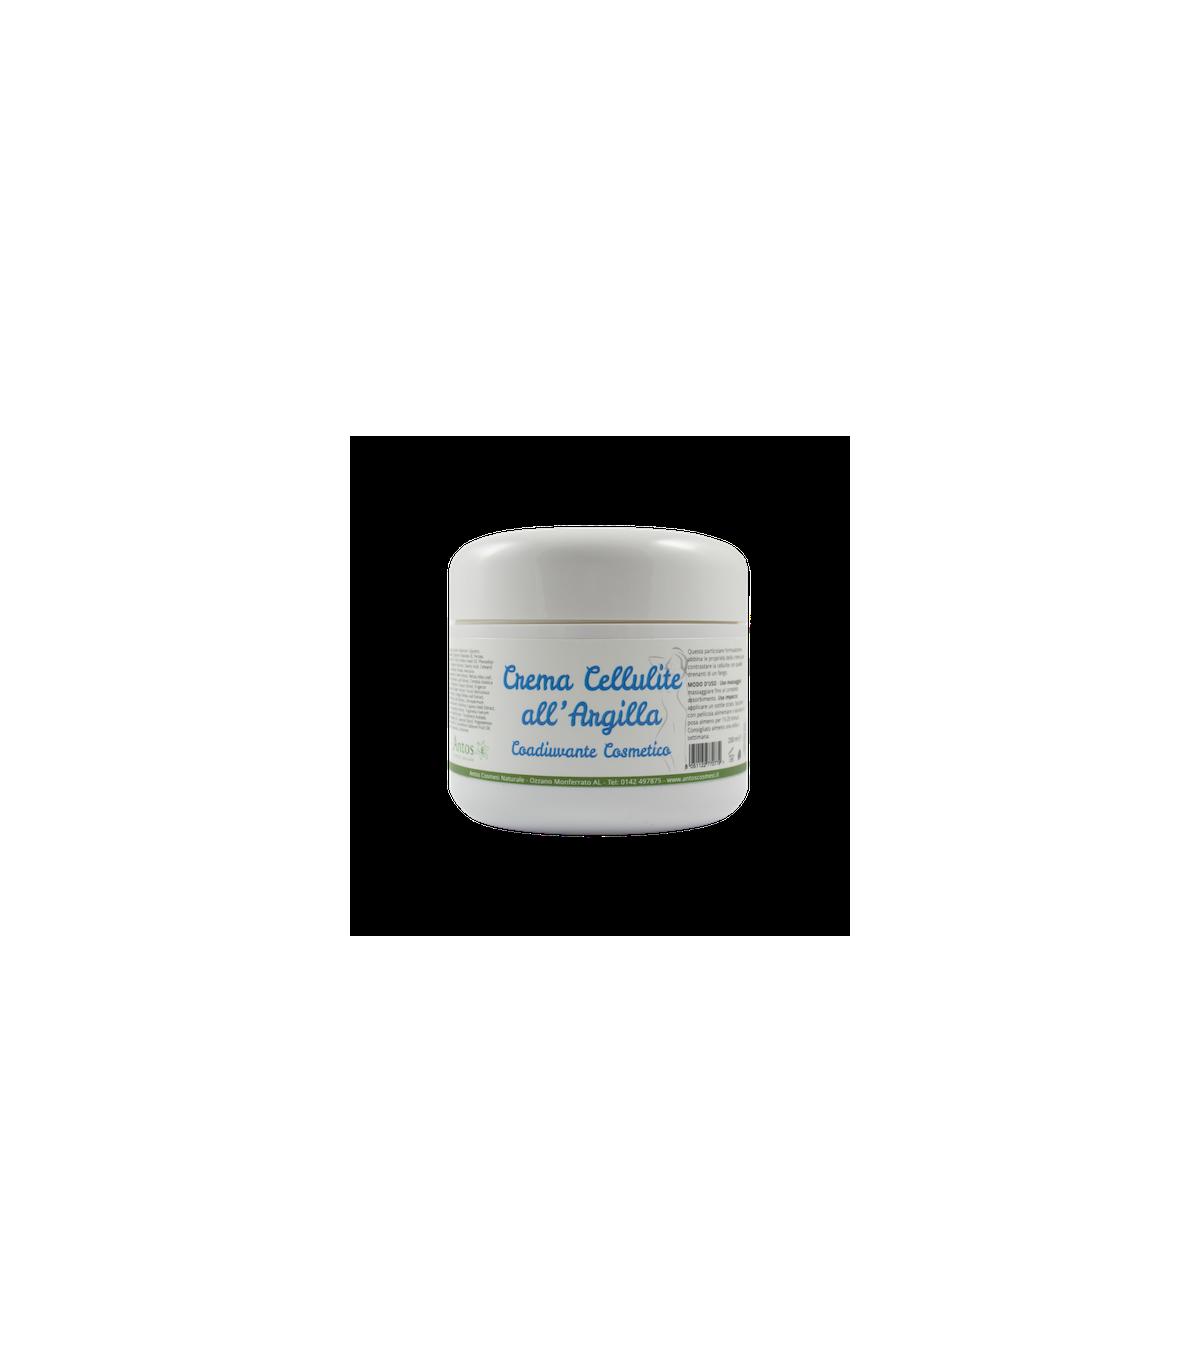 Crema cellulite all'argilla